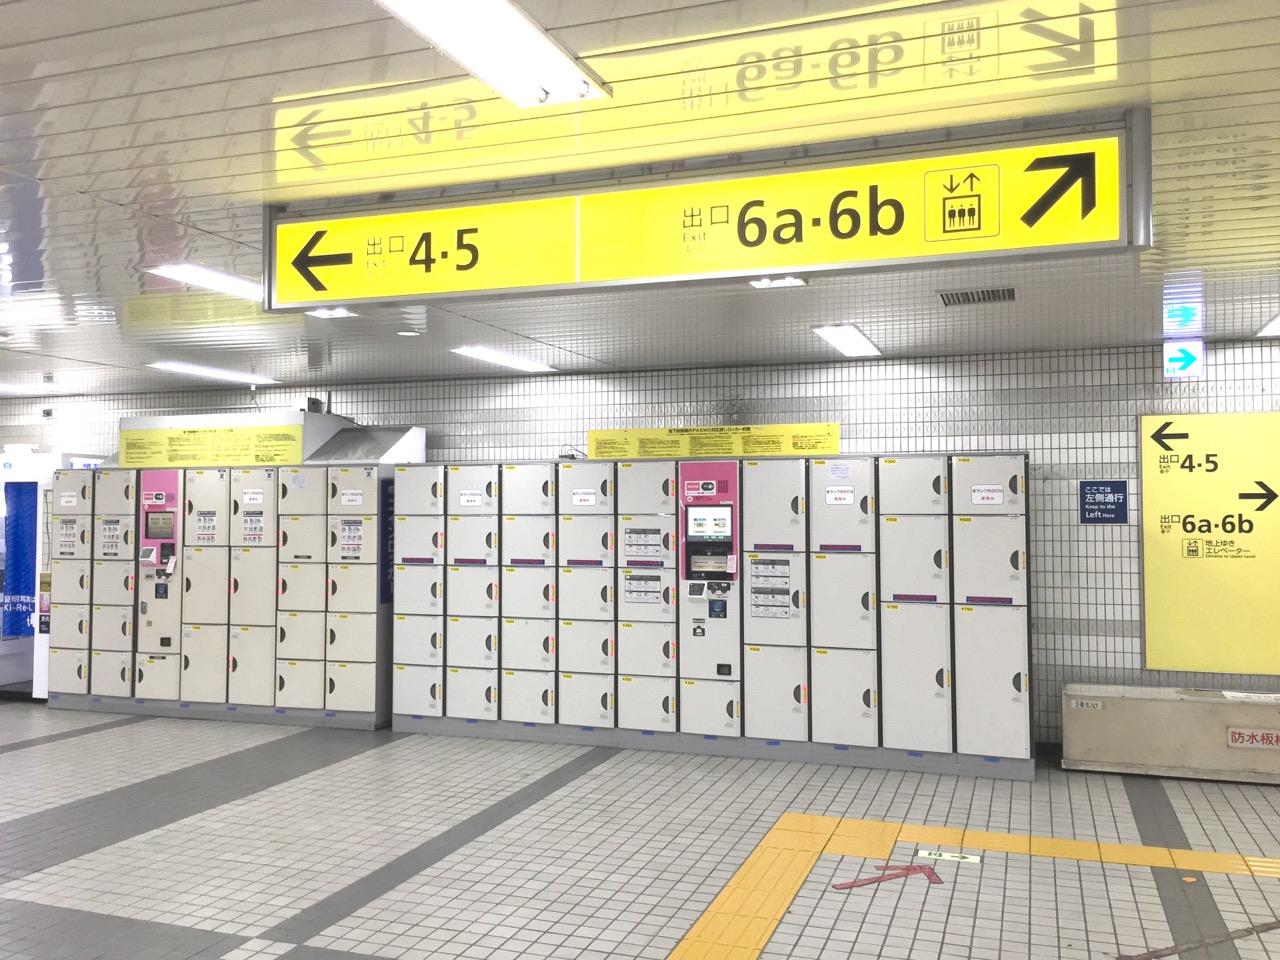 豊洲駅のコインロッカーの設置場所・サイズ | とよすと